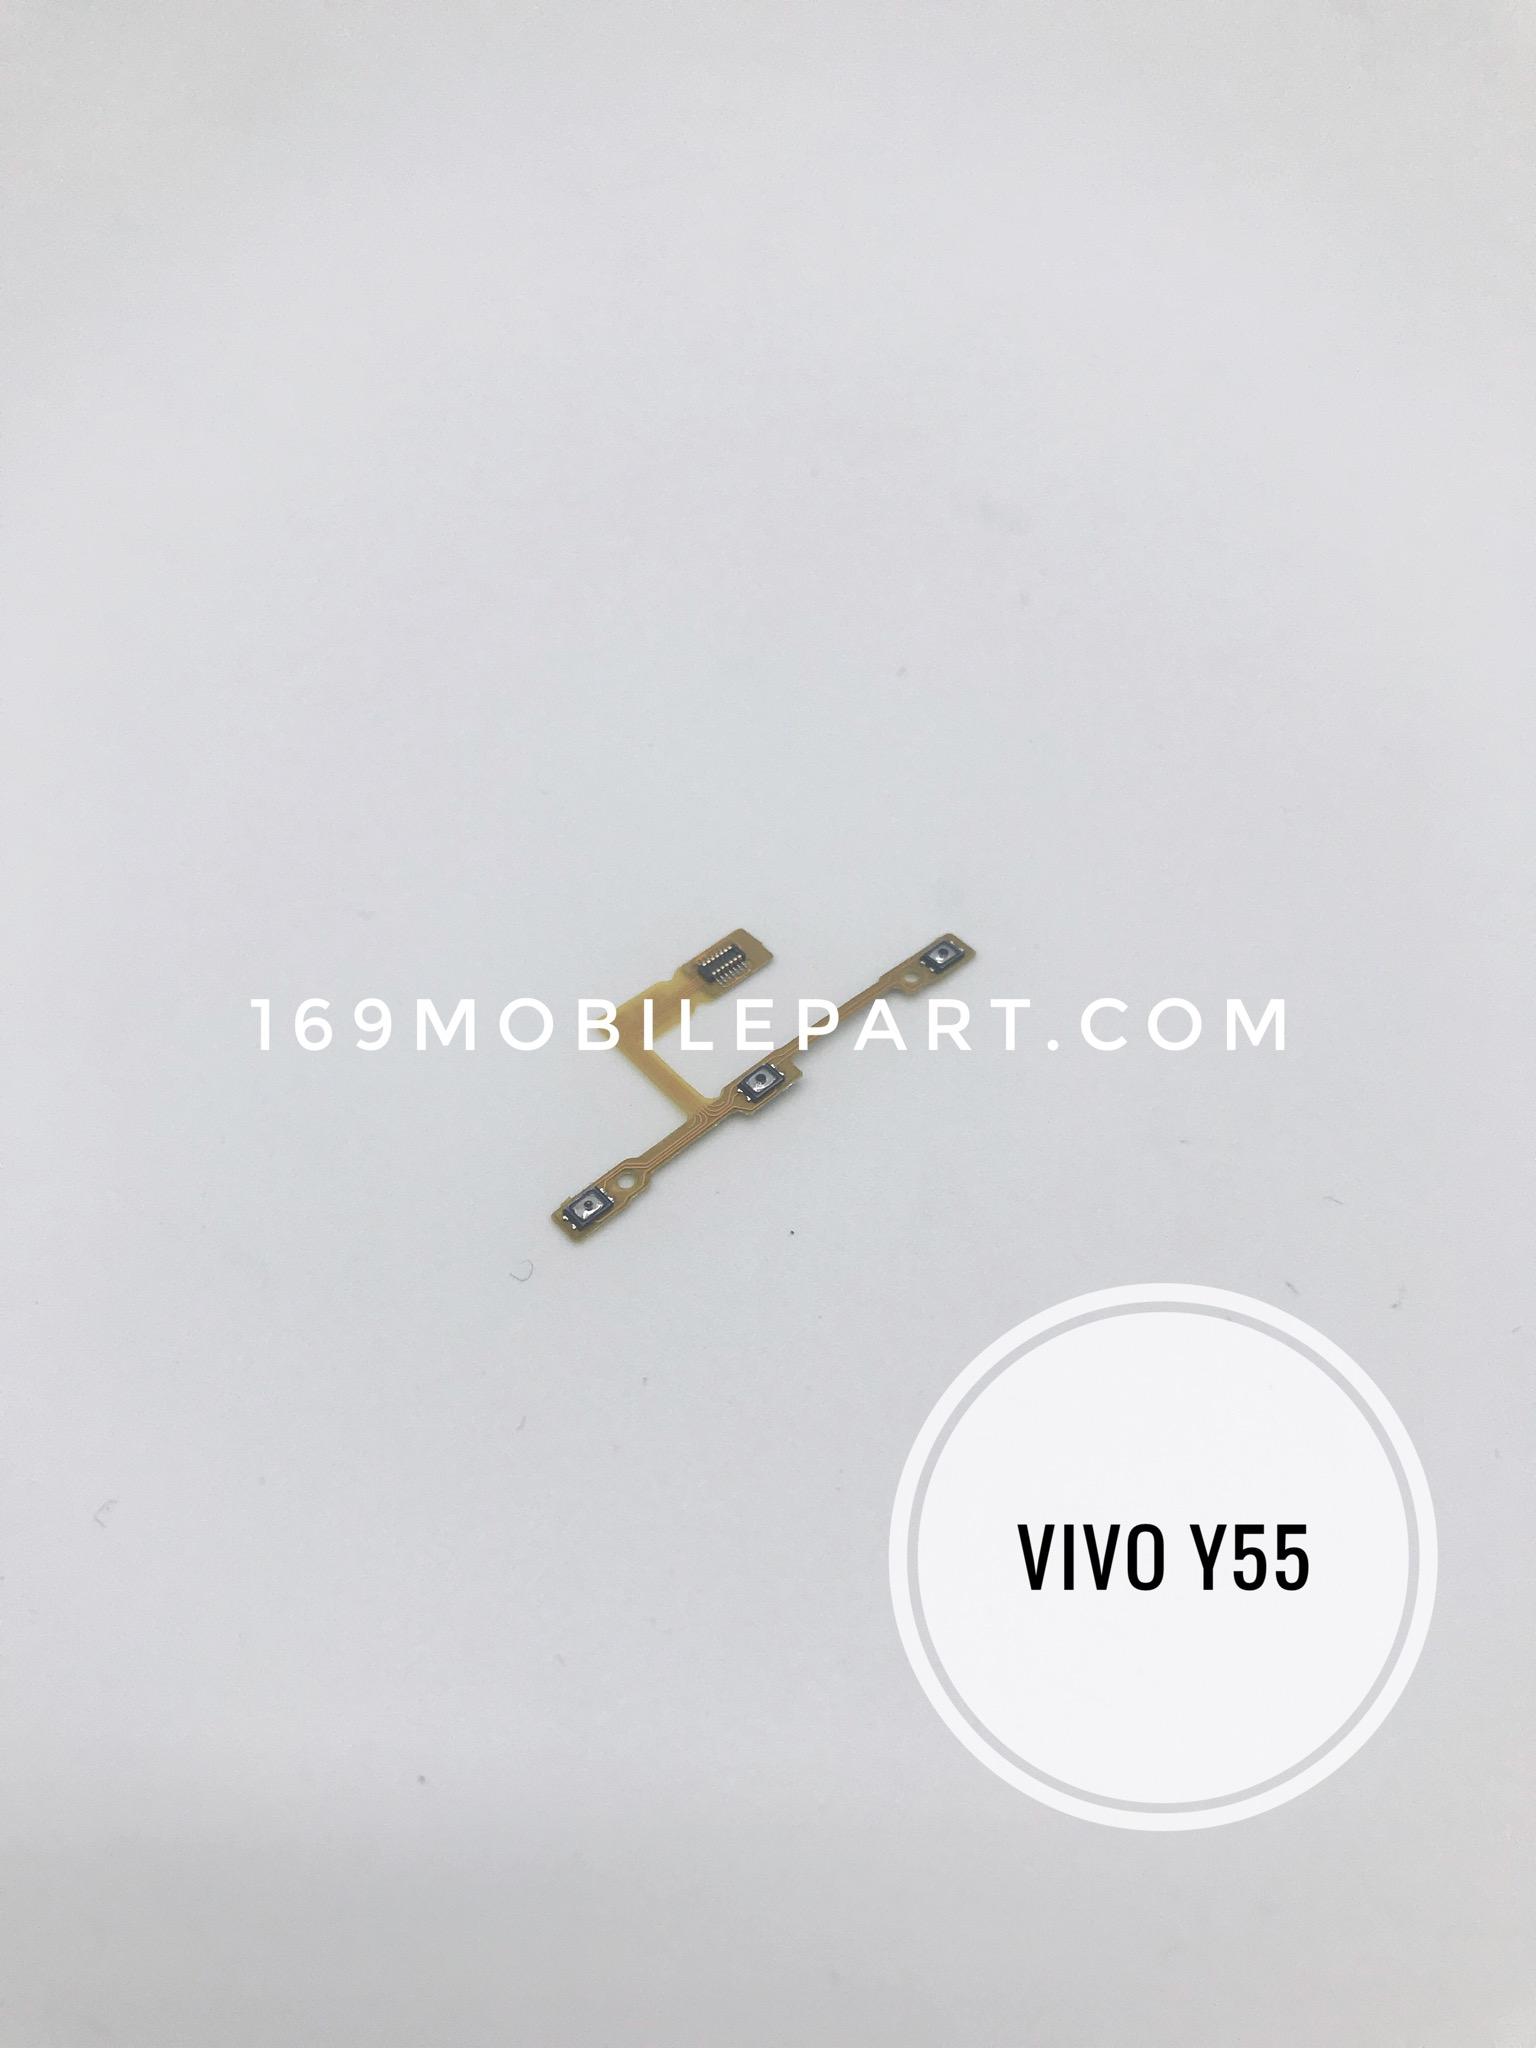 แพรสวิทซ์ Vivo Y55